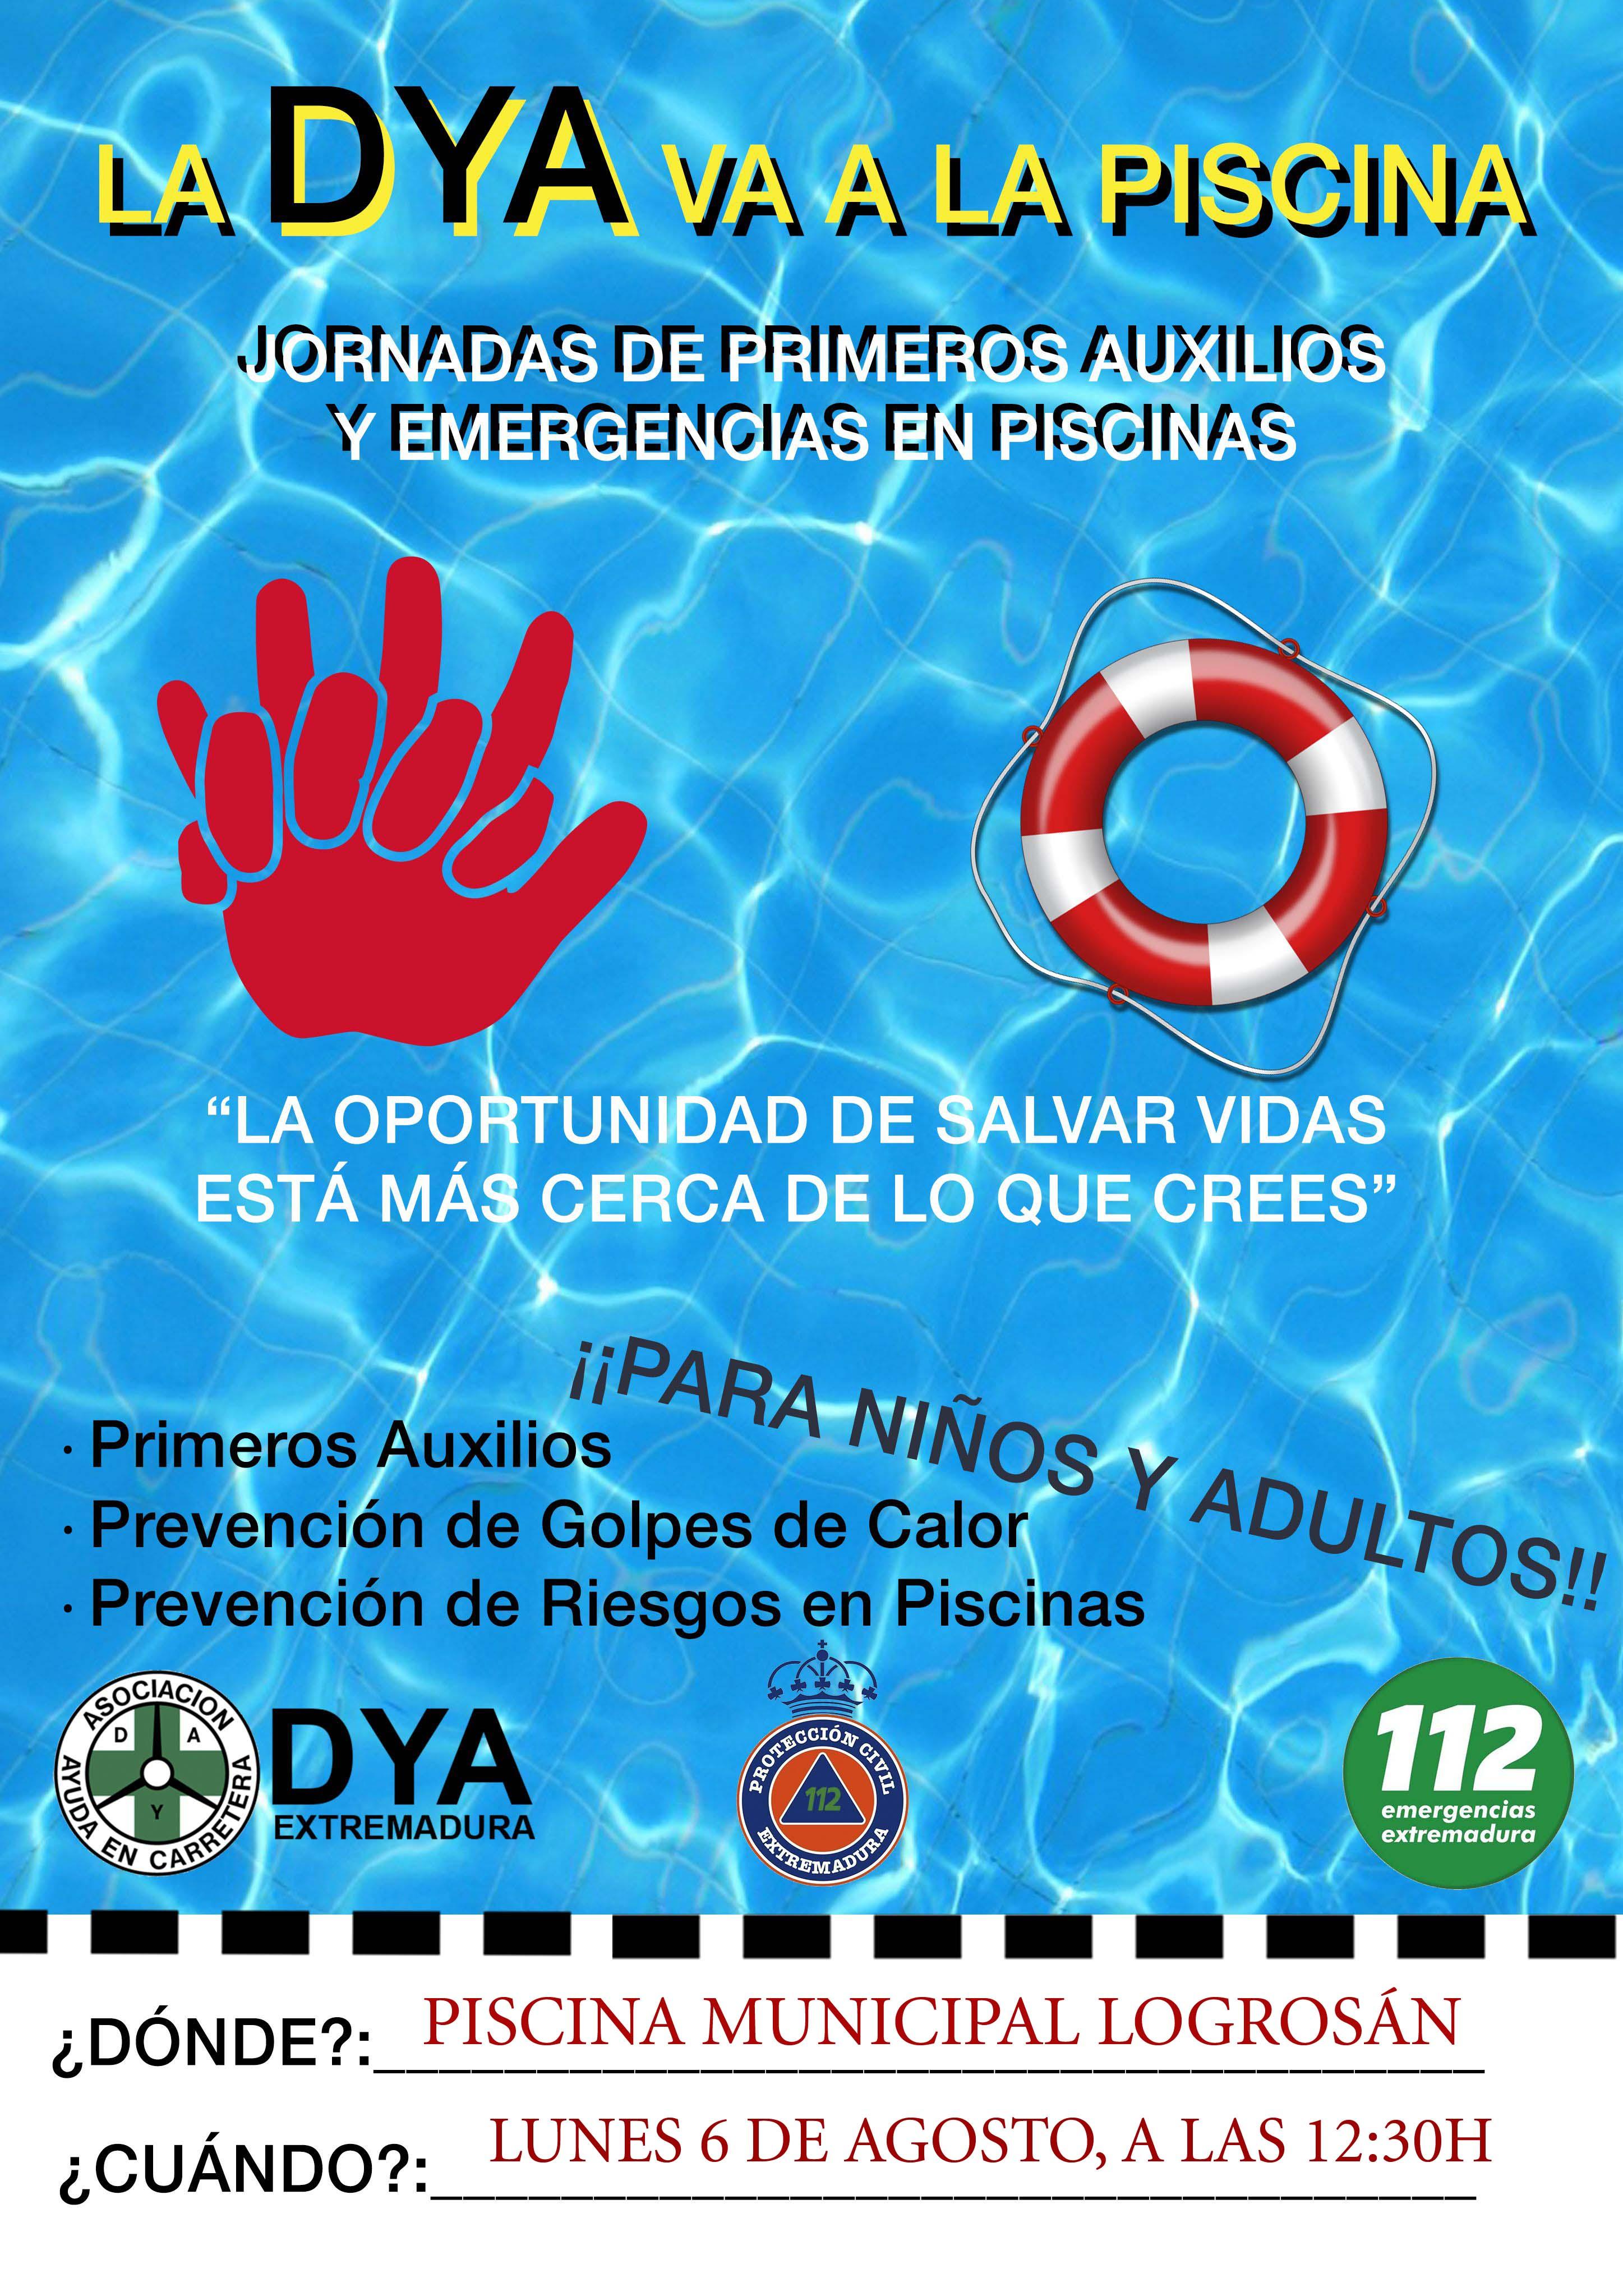 Jornadas de primeros auxilios y emergencias en piscinas 2018 - Logrosán